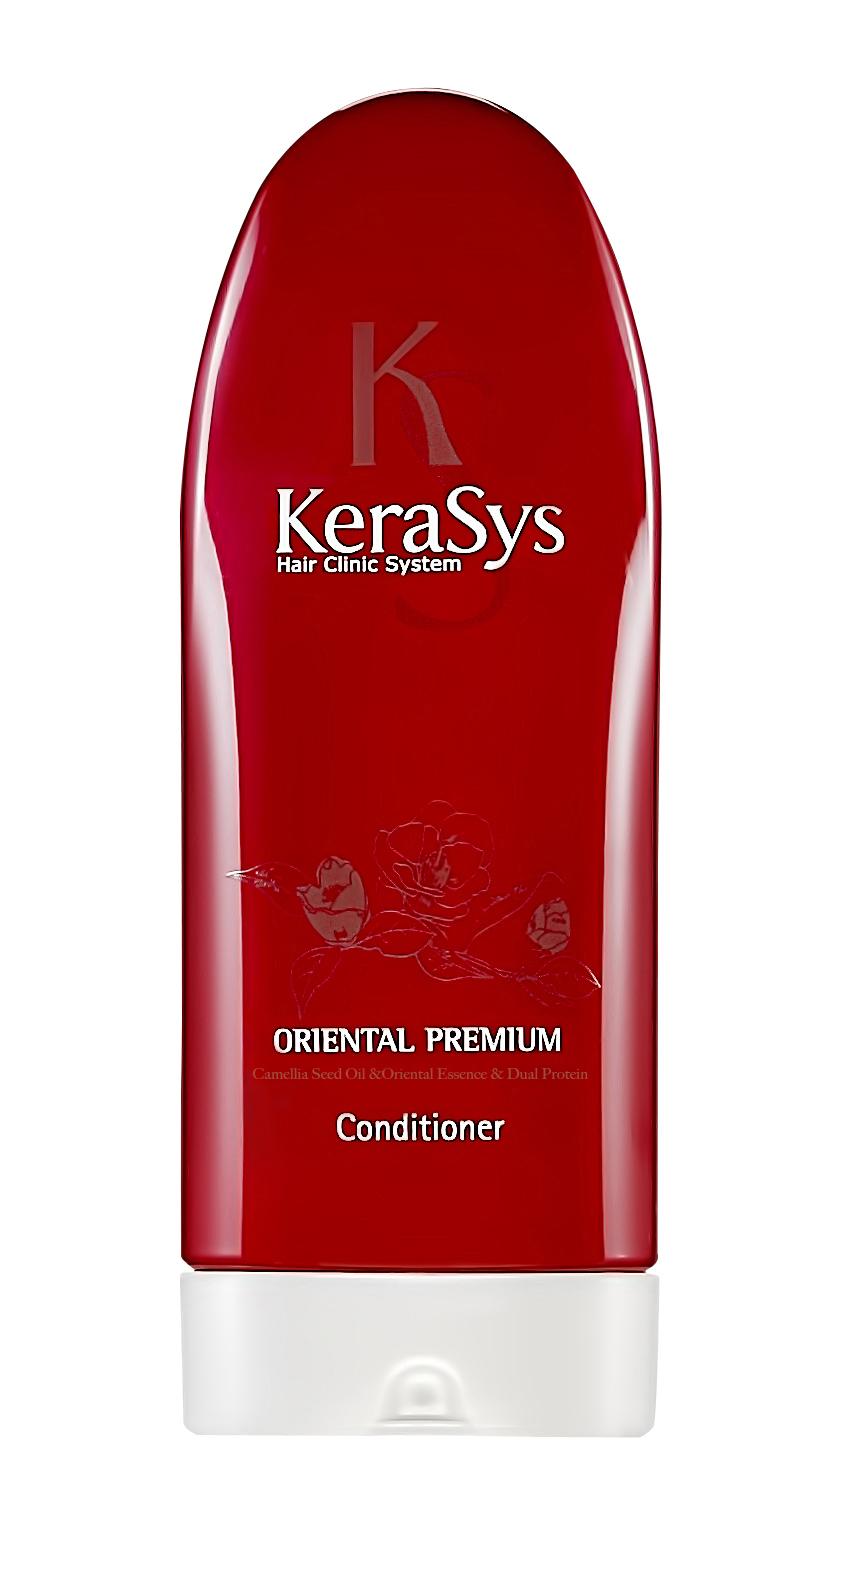 Kerasys Кондиционер для волос Oriental, 200 мл876244Специально разработанная формула для всех типов волос, в том числе поврежденных и ослабленных. Волосы обретают жизненную силу, блеск и эластичность. Оказывает солнцезащитное действие. Масло камелии укрепляет хрупкие и ломкие волосы, делает их шелковистыми по всей длине. Кератиновый комплекс питает и разглаживает поврежденный волос. Композиция из шести традиционных восточных трав (женьшень, жгун-корень, орхидея, ангелика, гранат, листья камелии) укрепляет корни волос и предотвращает преждевременное выпадение. Kerasys - это линия средств профессионального уровня для ухода за различными типами волос в домашних условиях. Характеристики:Объем: 200 мл. Артикул: 876244. Производитель: Корея. Товар сертифицирован.